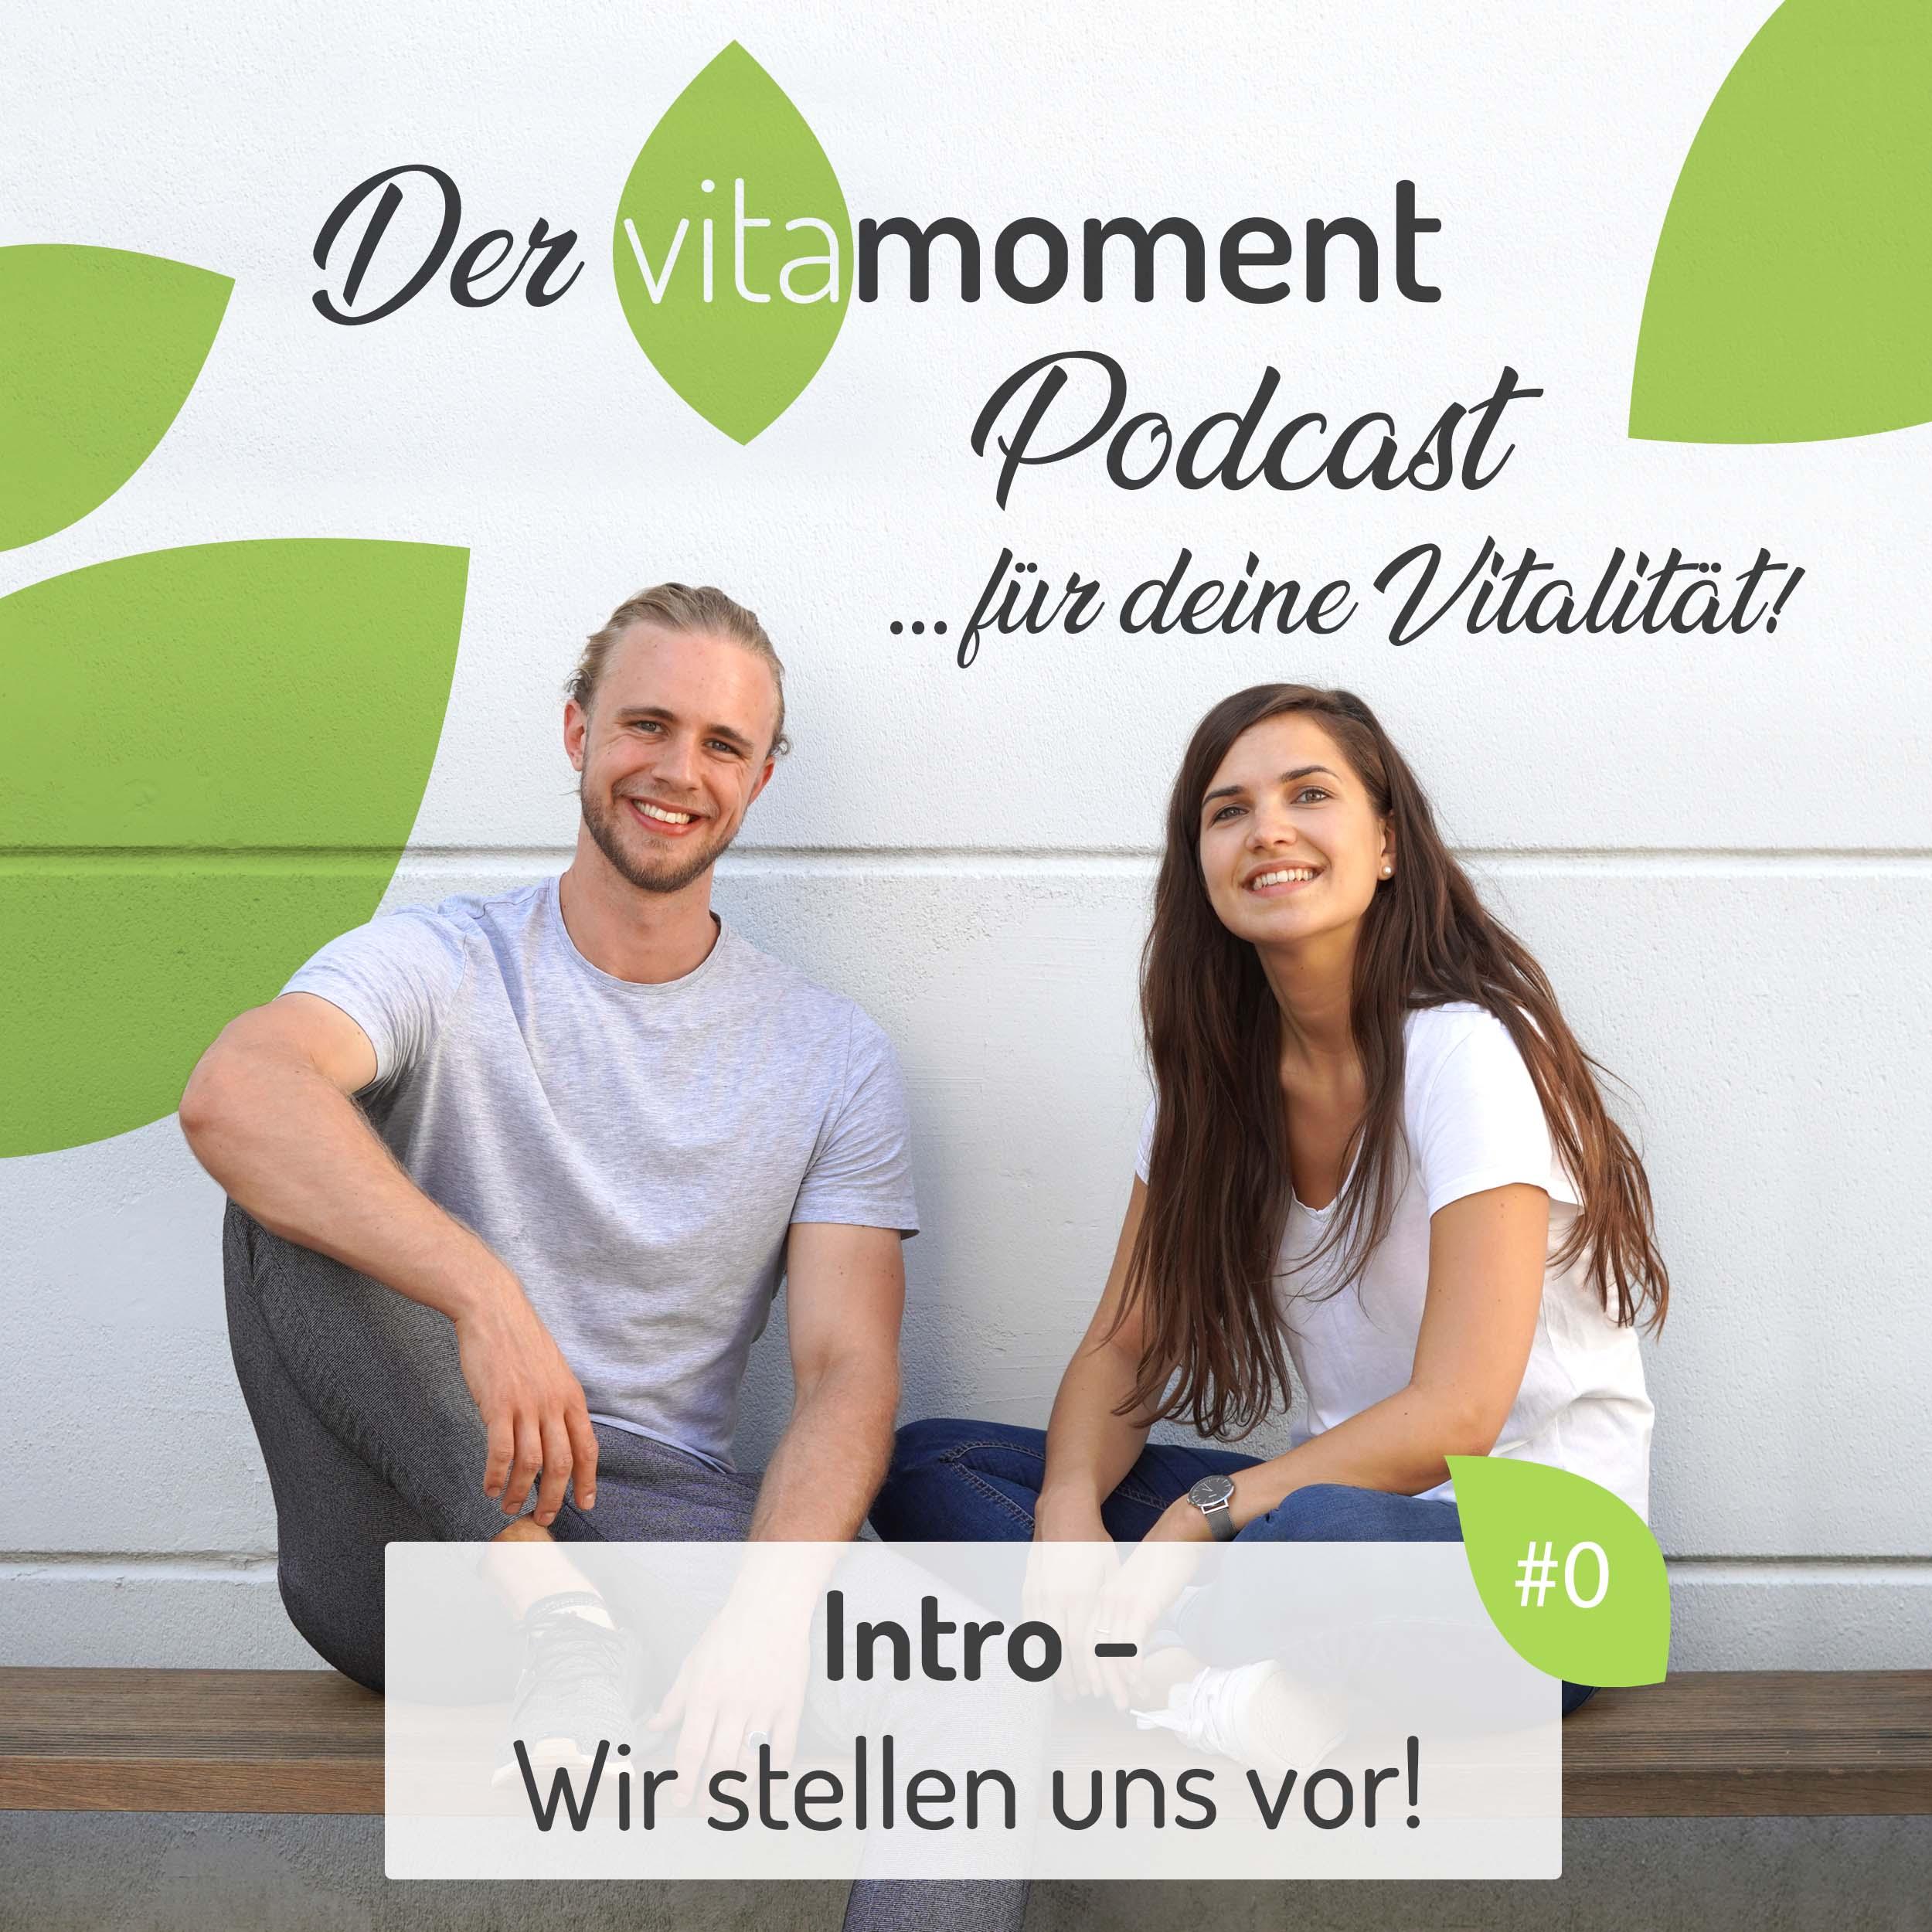 #0 Intro - Wir stellen uns vor!